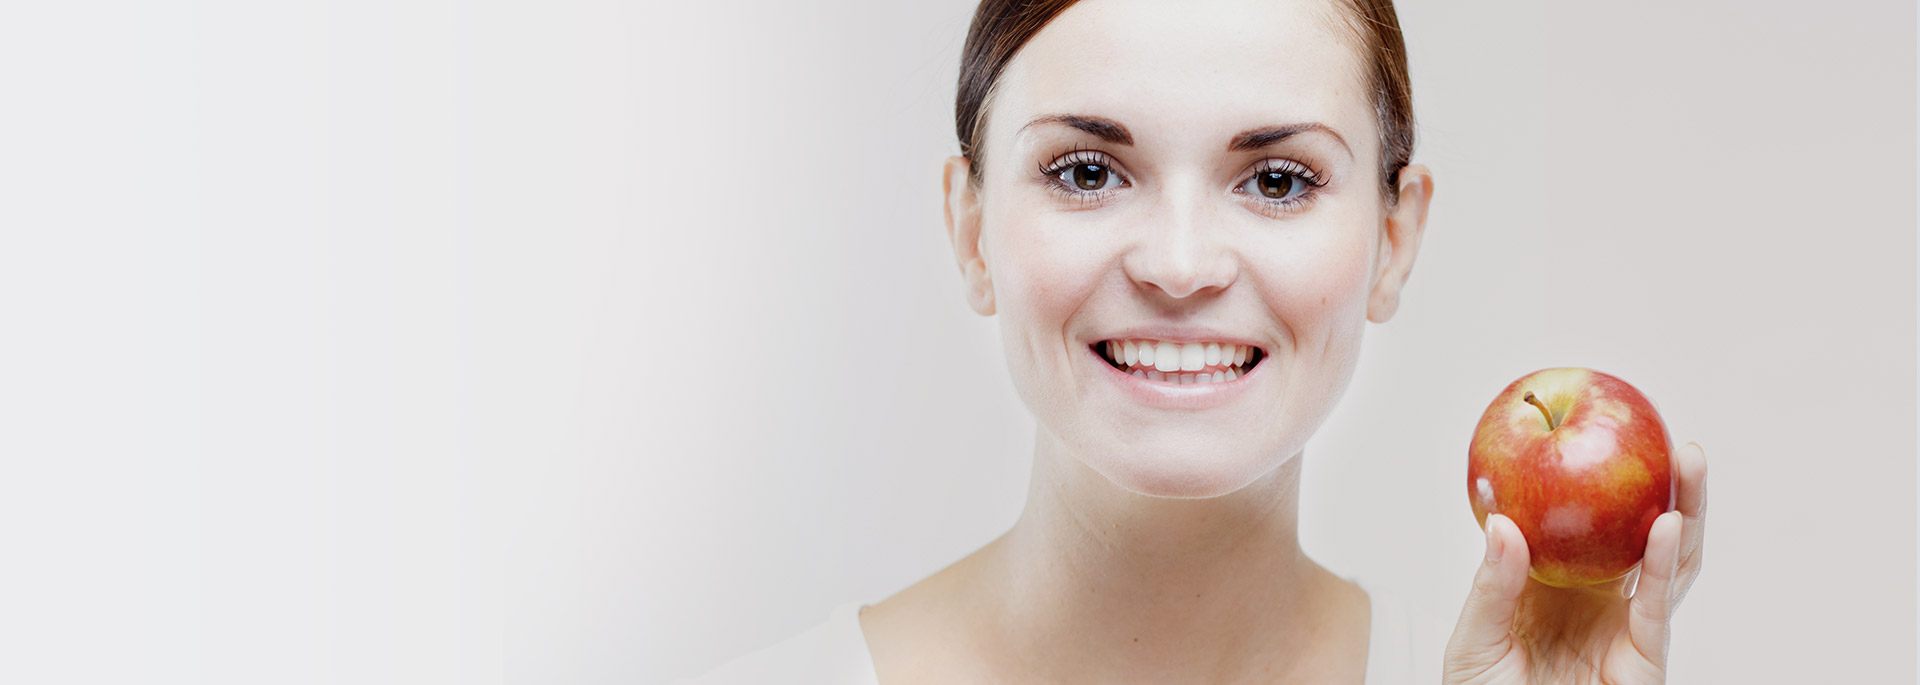 Prothèses dentaires - header